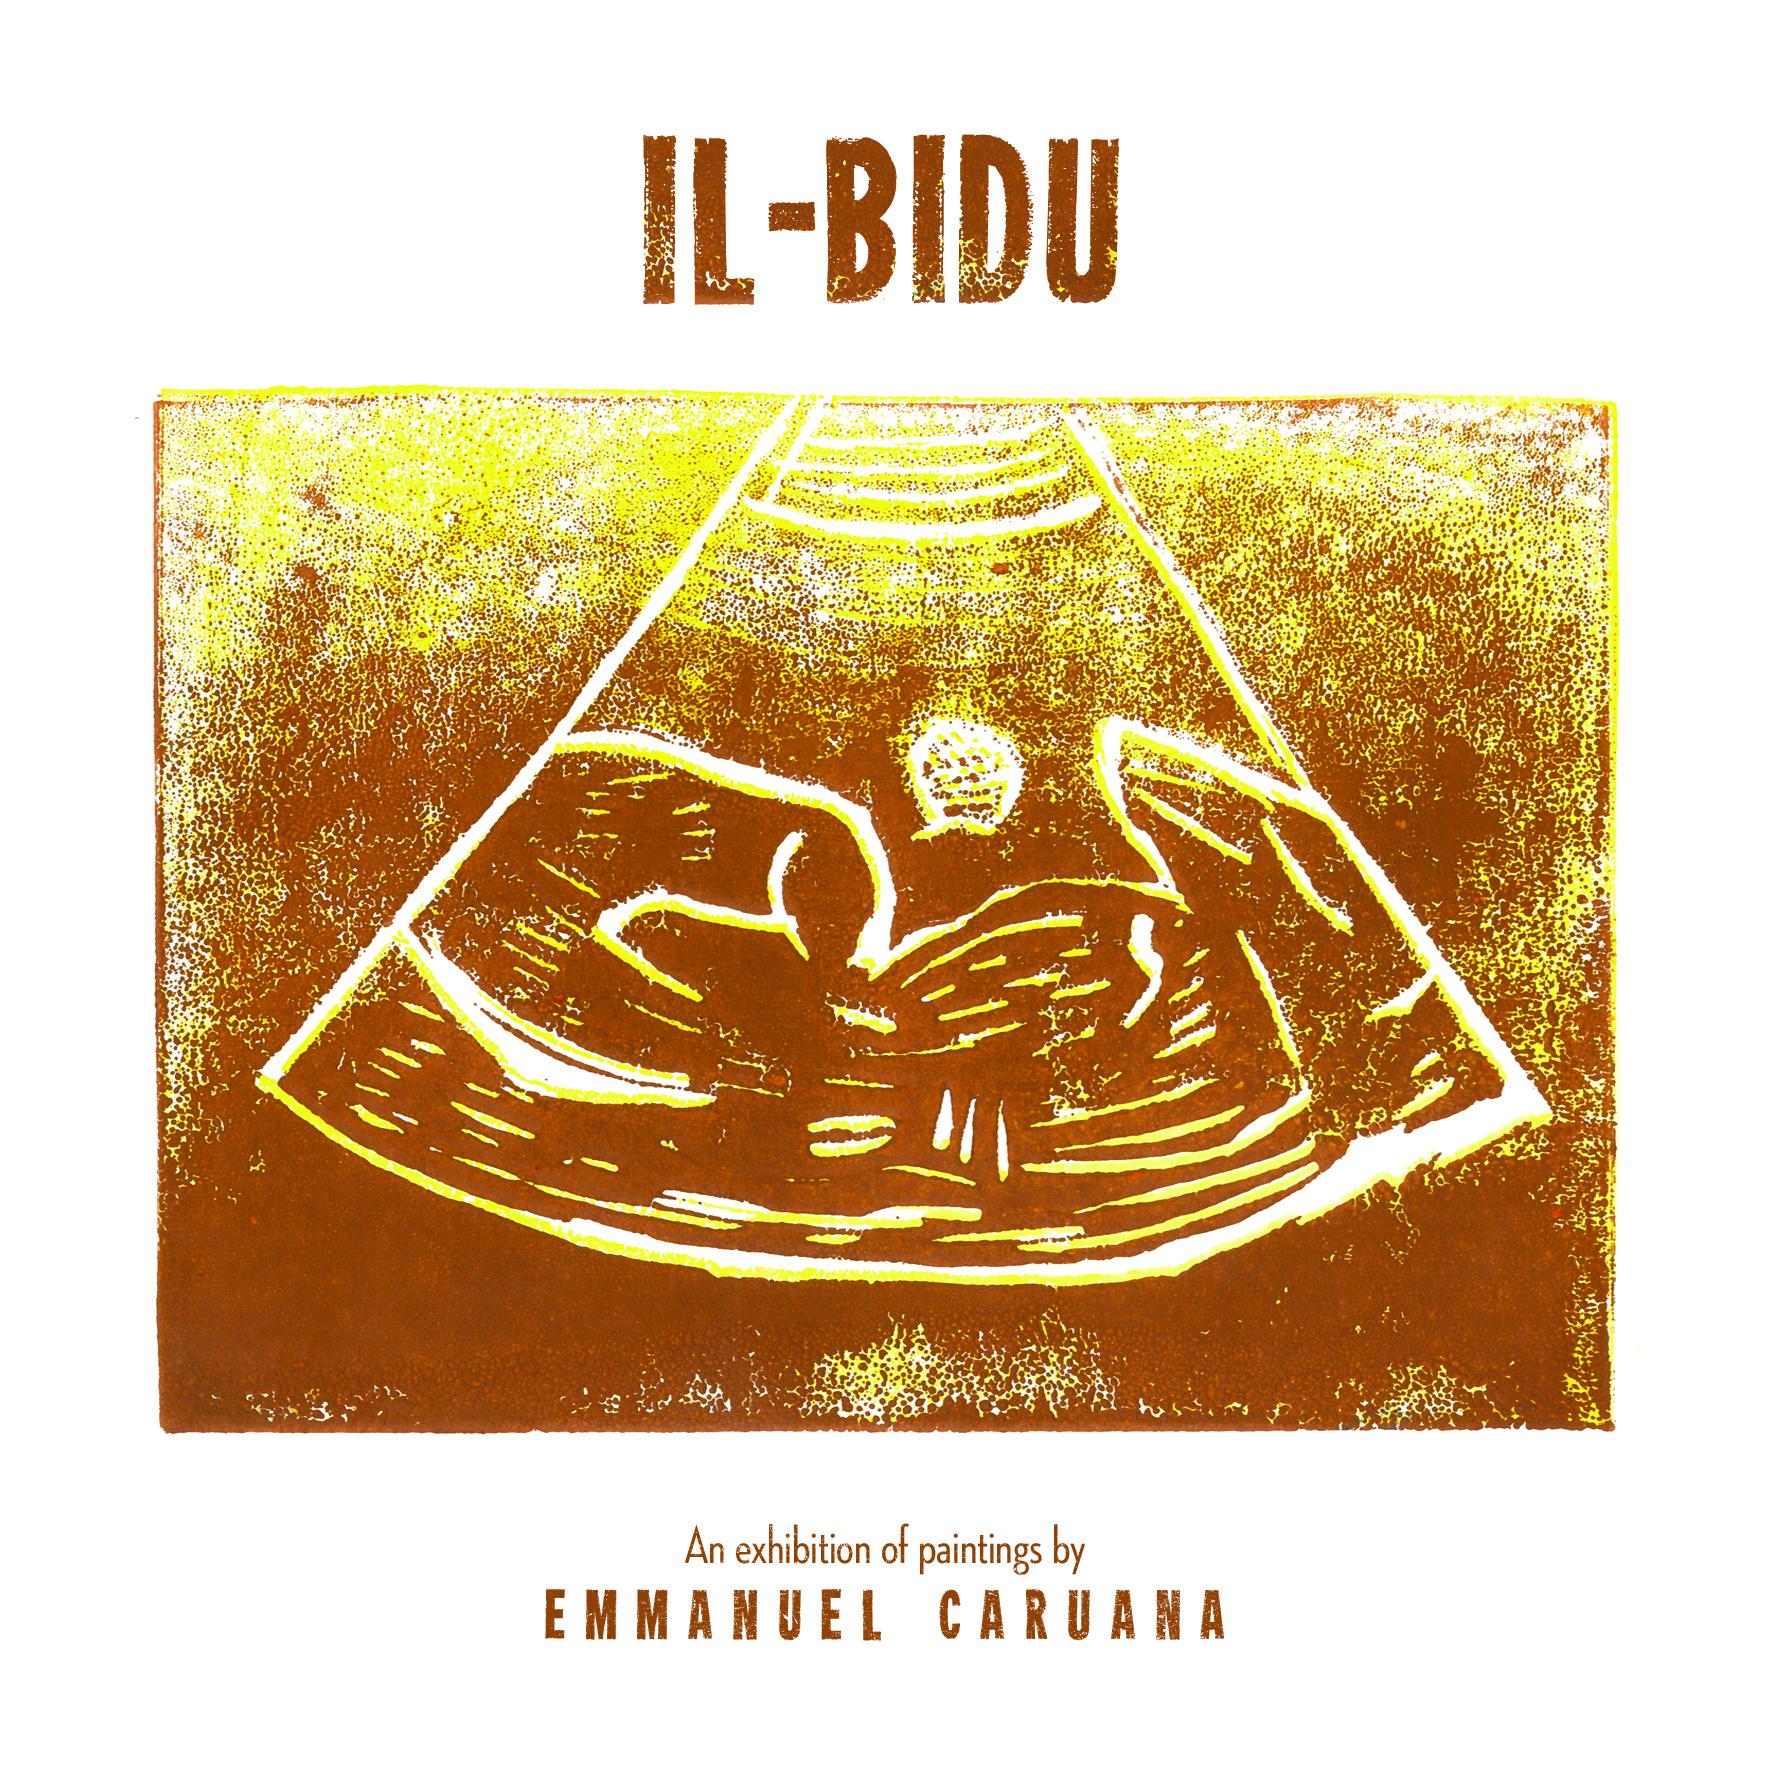 ilbidu Invite final 150 FRONT